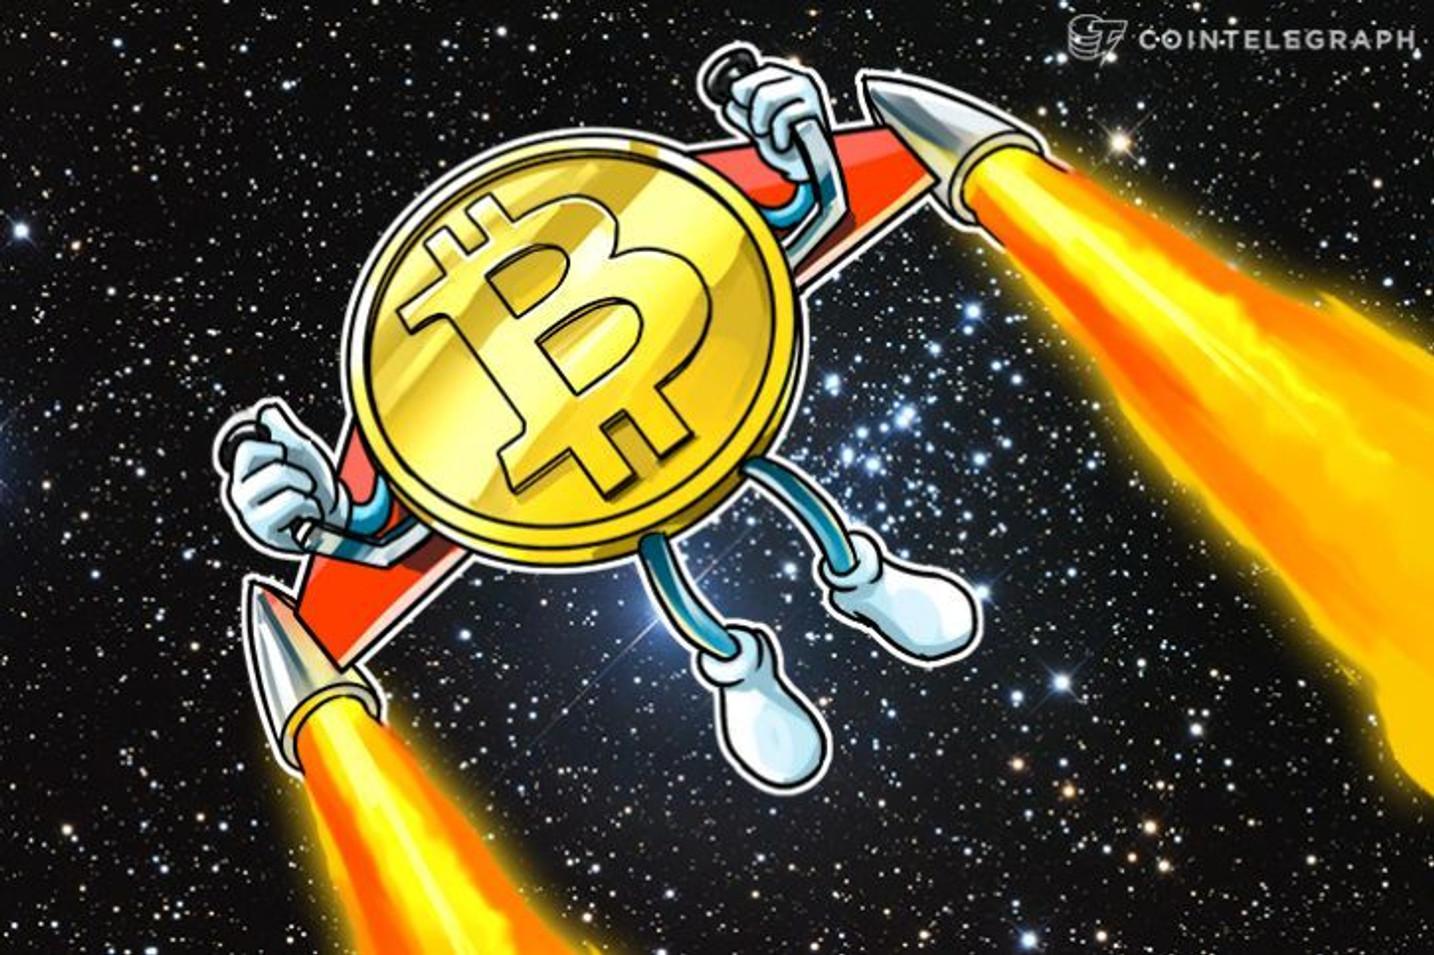 El precio de Bitcoin no tendrá 'ninguna dificultad' en alcanzar los $10k, con 30,000 carteras nuevas al día: Max Keizer